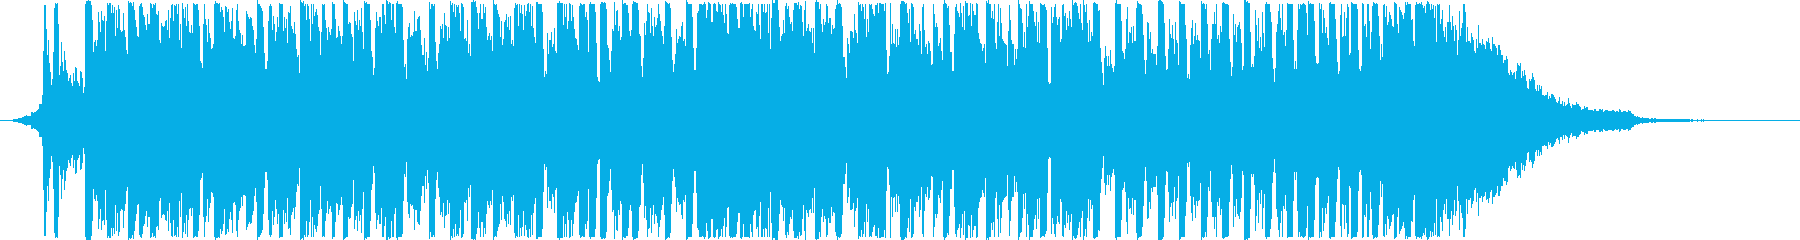 雅な和風フューチャーベースのジングルの再生済みの波形